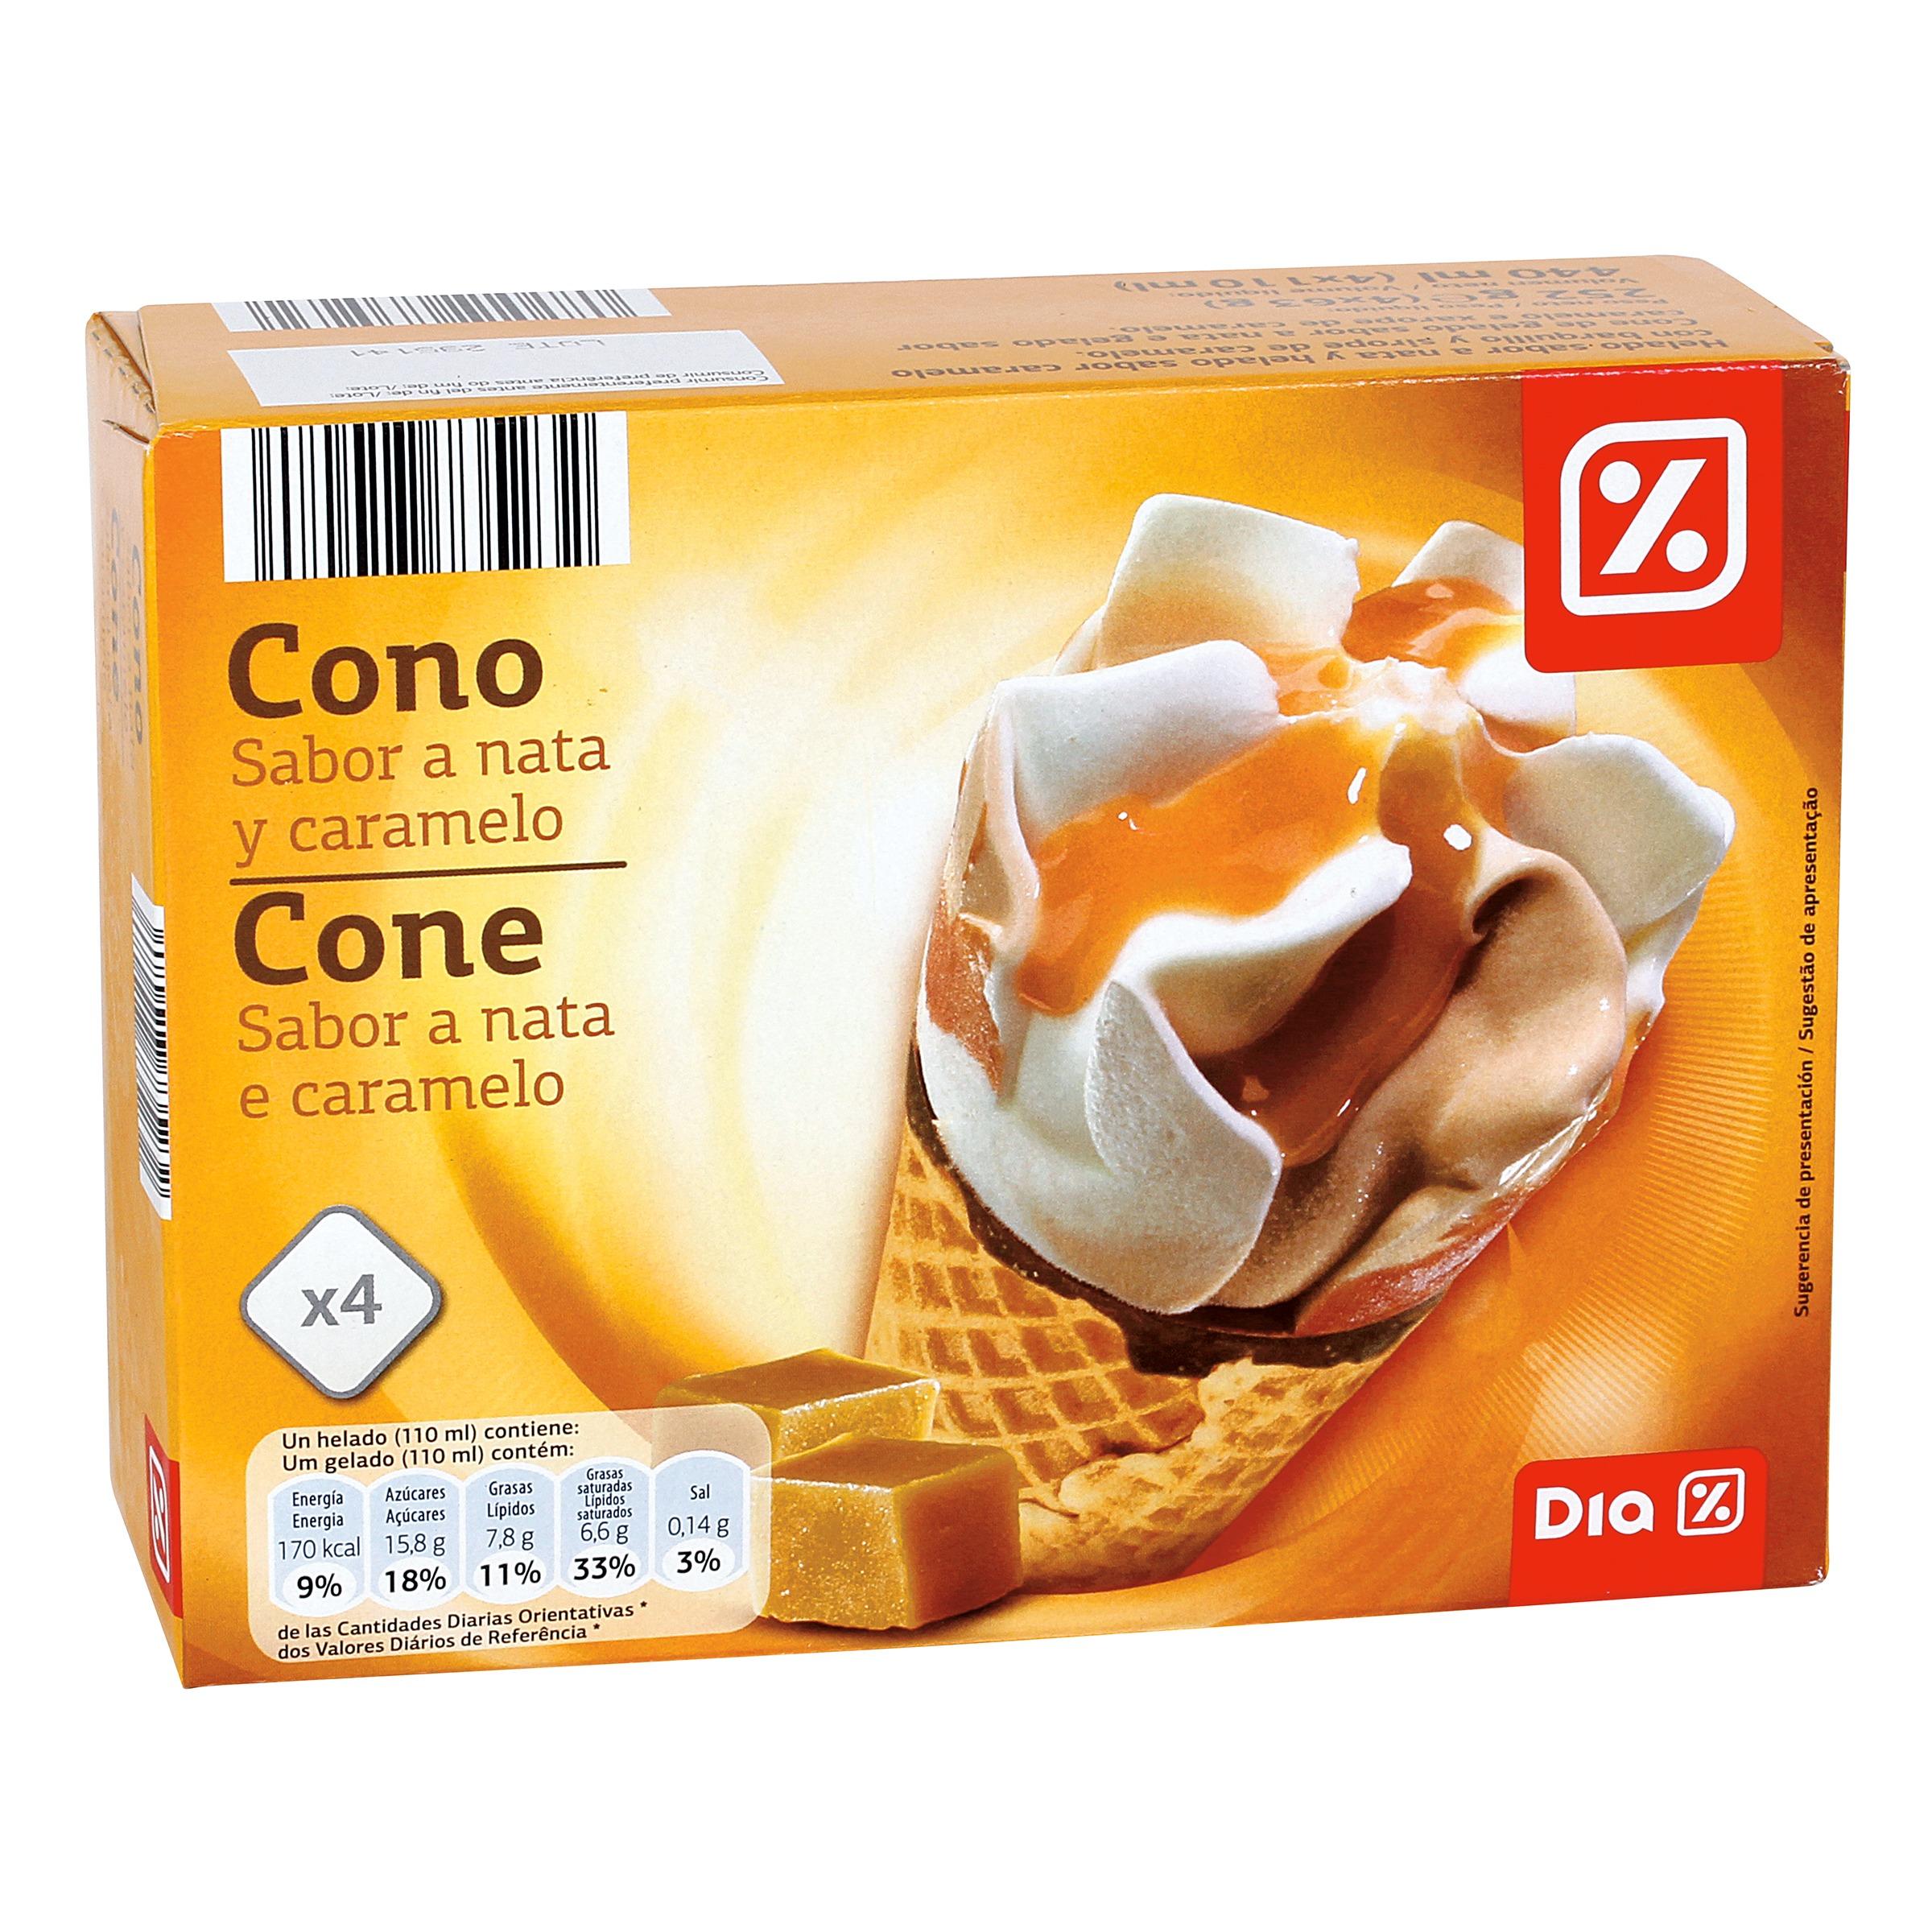 Dia helado conos nata y caramelo pack 4 uds conos - Calorias de un cono de helado ...